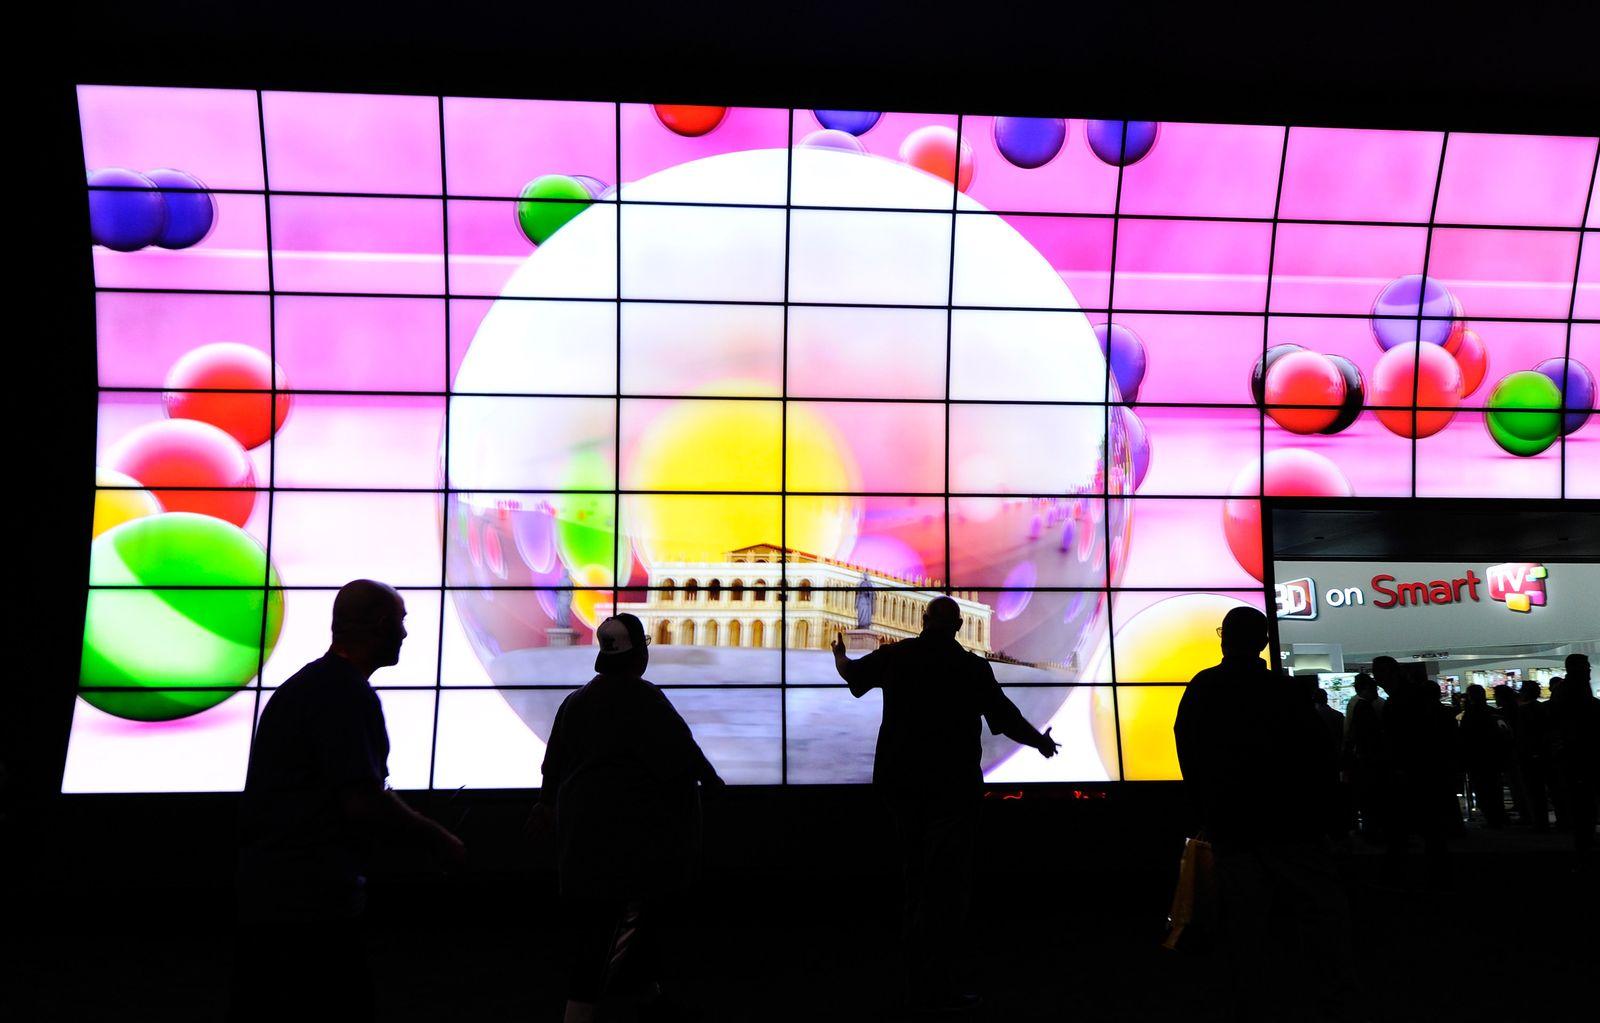 Smart TV CES Videot